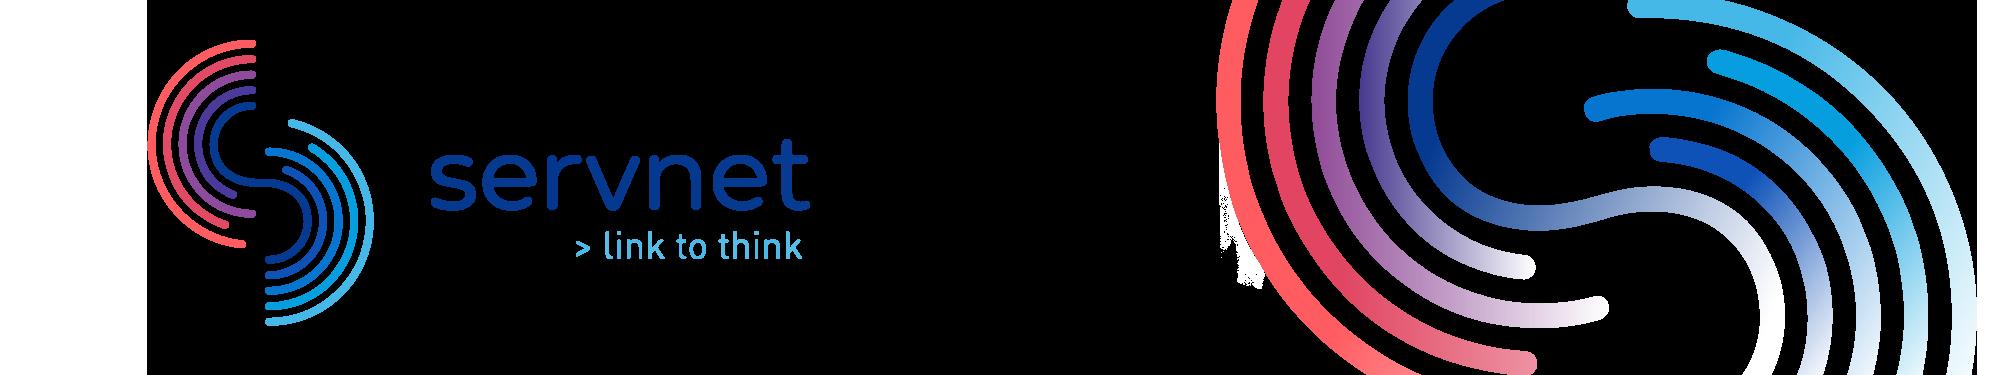 pleca-servnet-superior